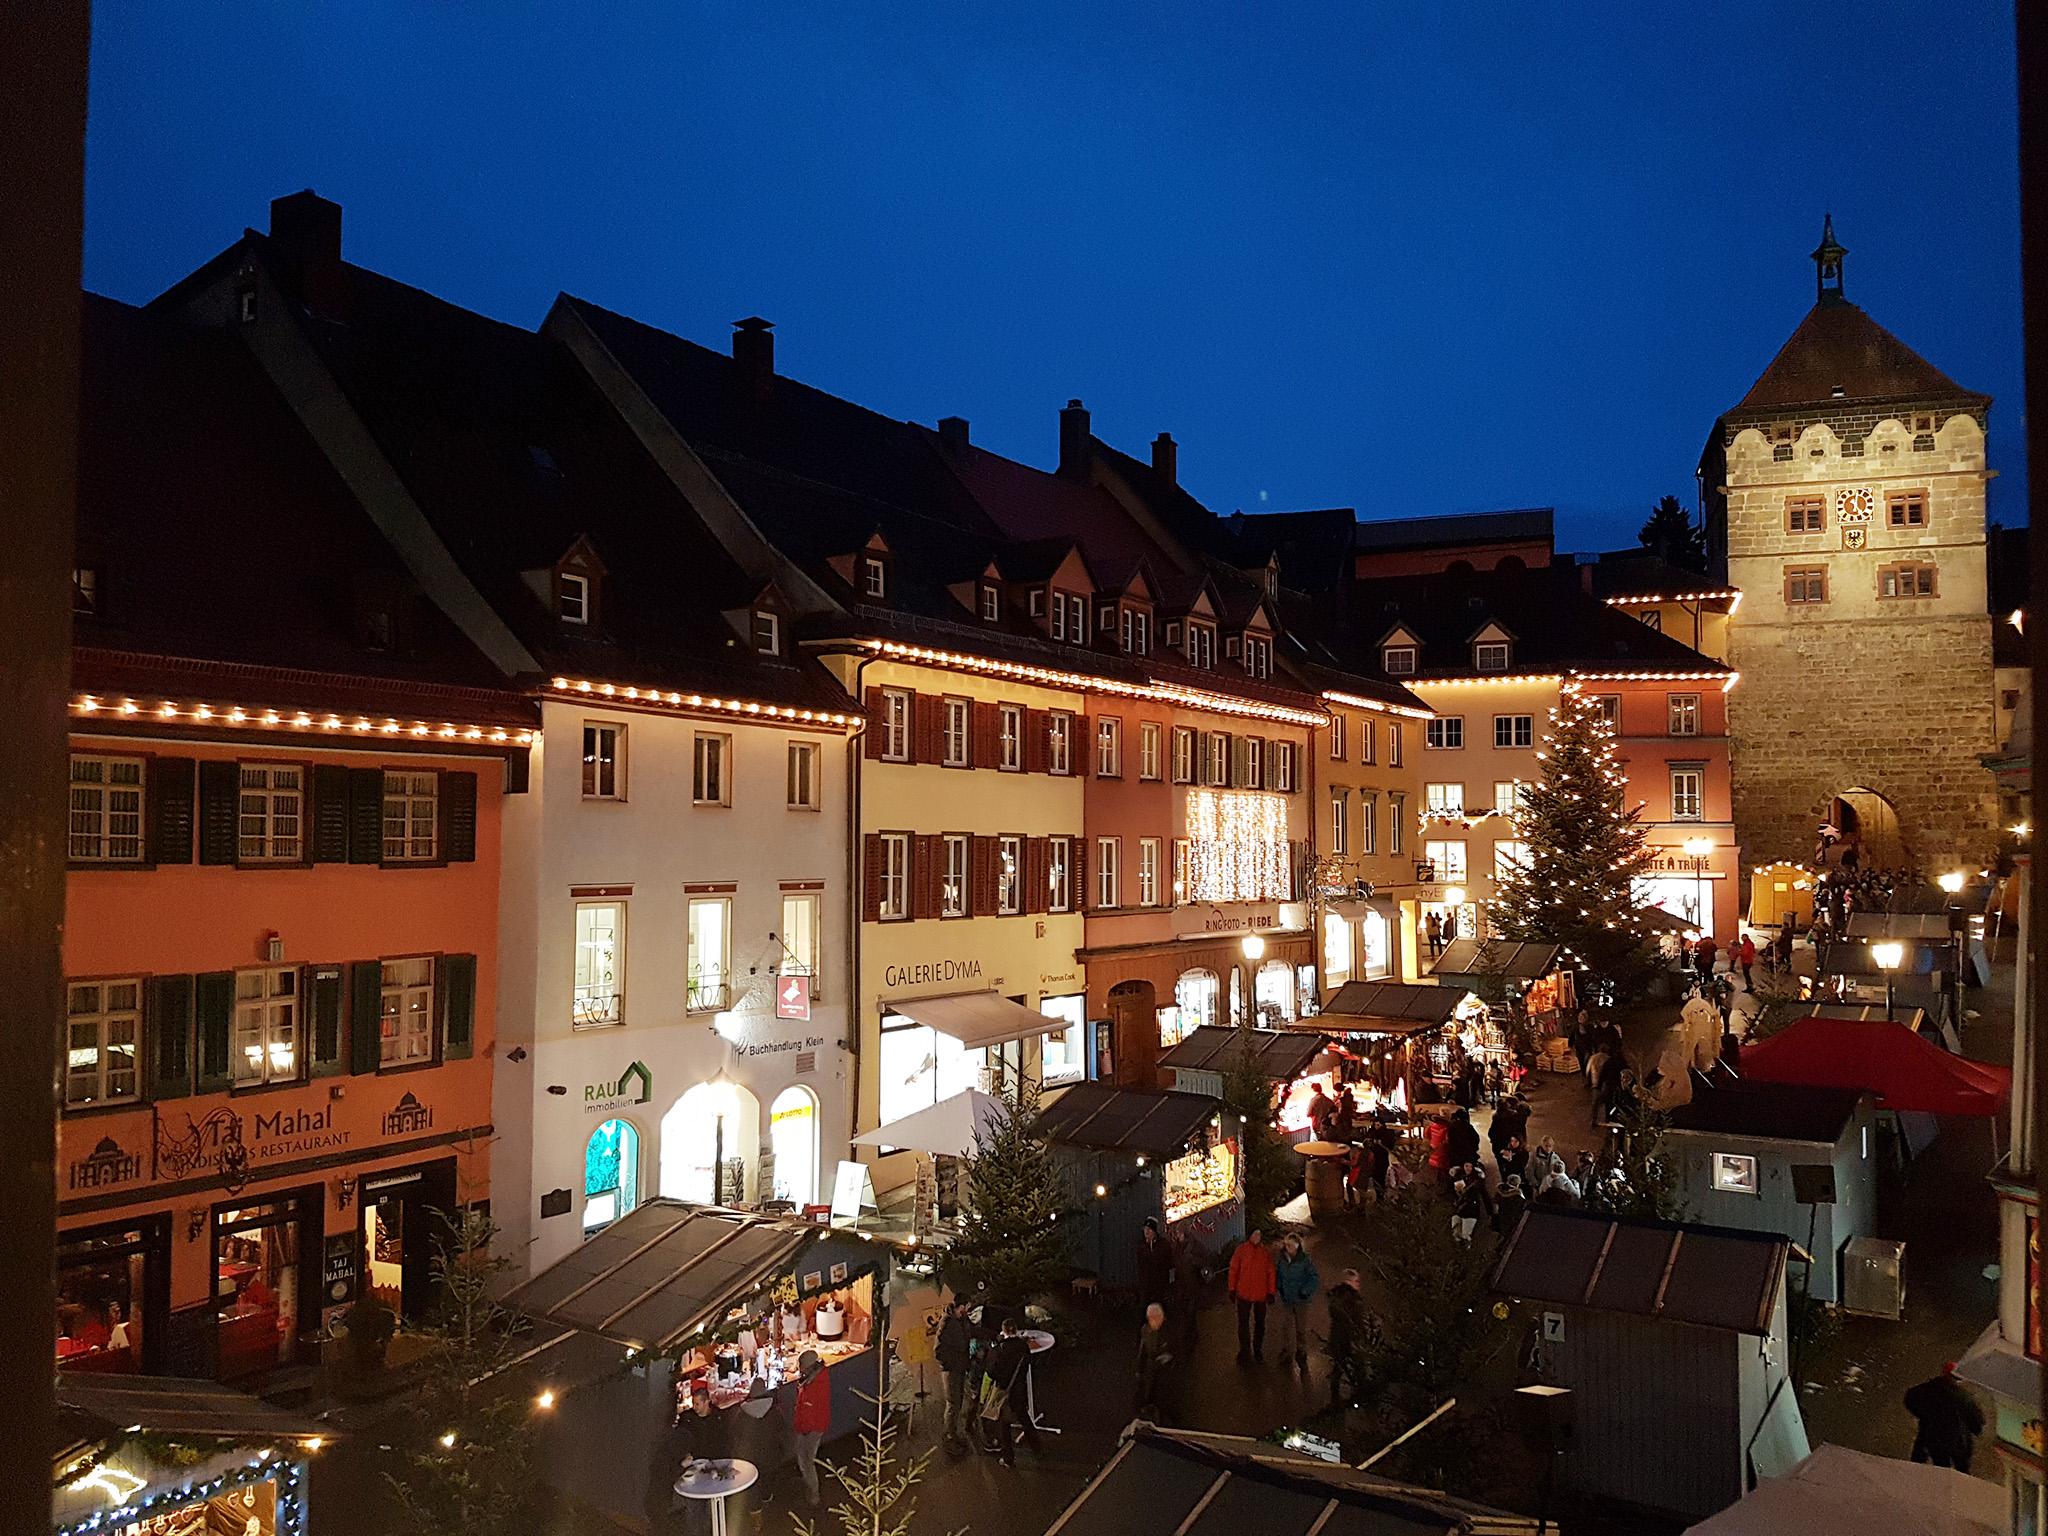 2021 wird es wieder einen Weihnachtsmarkt in Rottweil geben – allerdings werden die Hütten mit größerem Abstand aufgestellt als es in der Vergangenheit üblich war (Archiv-Foto: Stadt Rottweil / Hermann).